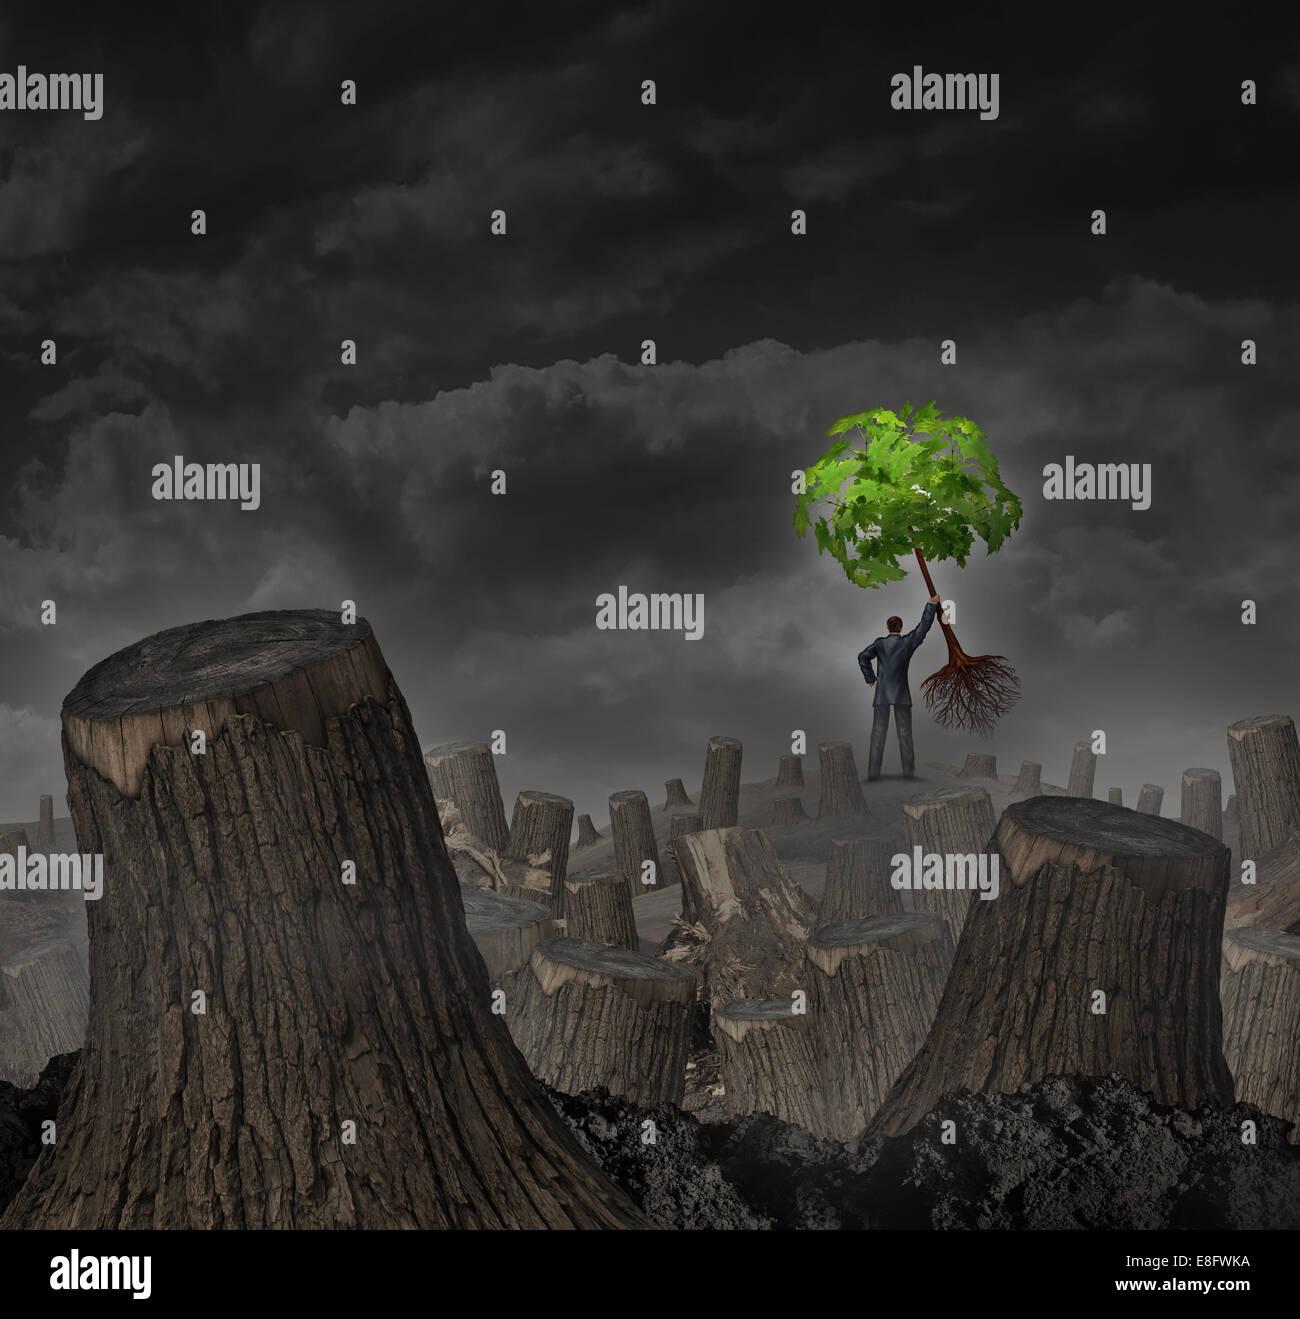 Concepto de plan de desastres como una persona de pie sobre una colina en un punto muerto de bosque con árboles Foto de stock